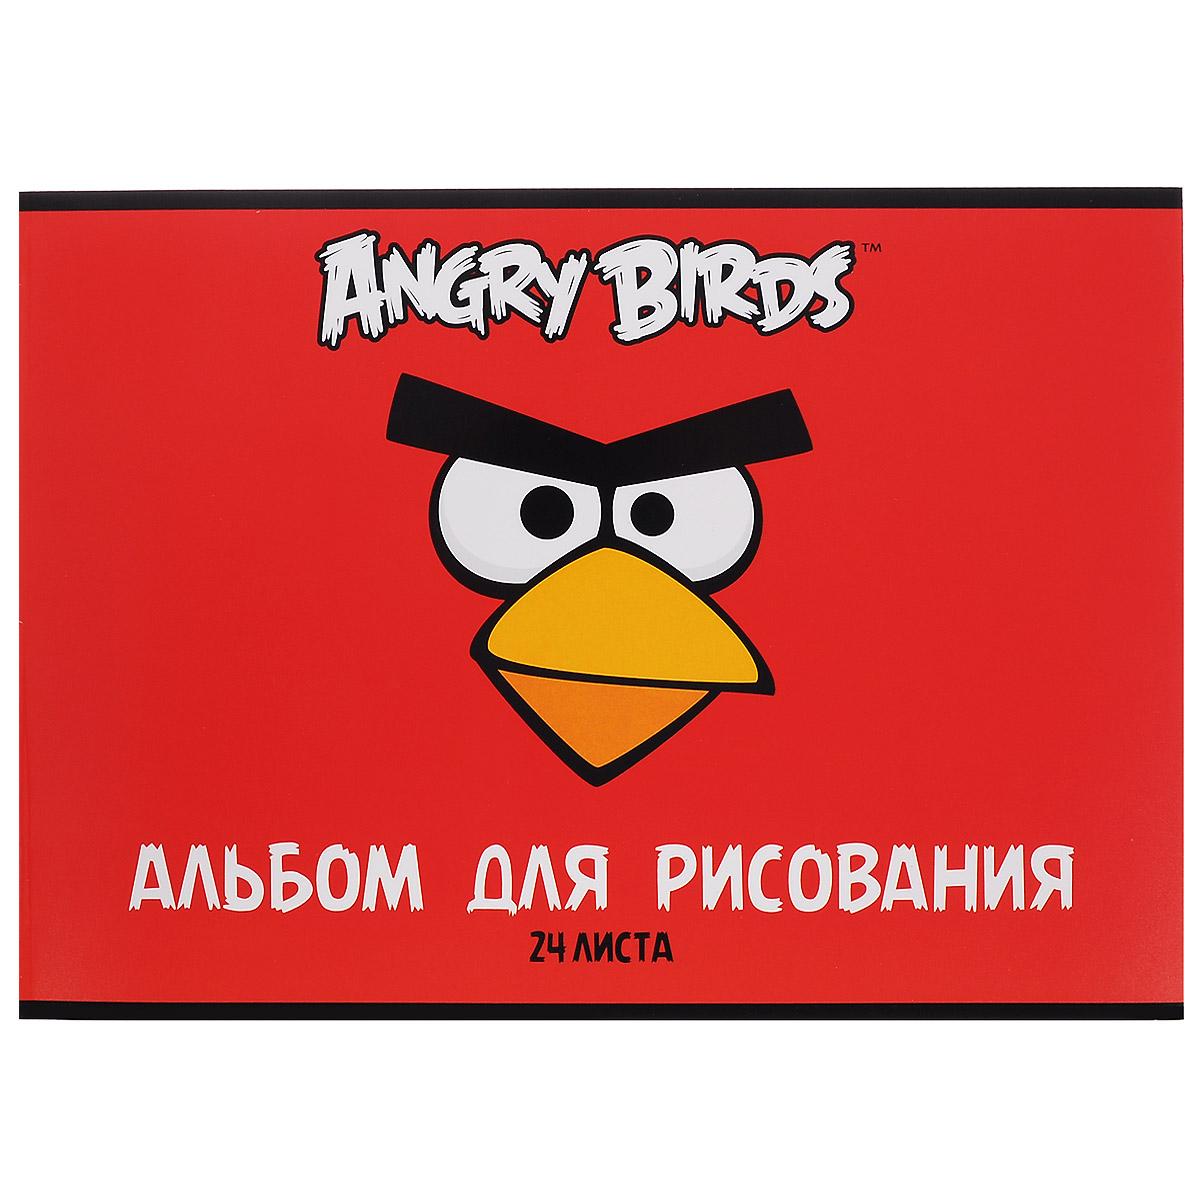 Альбом для рисования Angry Birds, 24 листа. 24А4вмB_10353ЭМ3/20Альбом для рисования Angry Birds с ярким изображением любимого мультипликационного героя на обложке будет радовать и вдохновлять юных художников на творческий процесс. Бумага альбома отличается высокой прочностью. Обложка выполнена из мелованного картона. Крепление - скрепки. Рисование позволяет развивать творческие способности, кроме того, это увлекательный досуг.Рекомендуемый возраст: 6+.